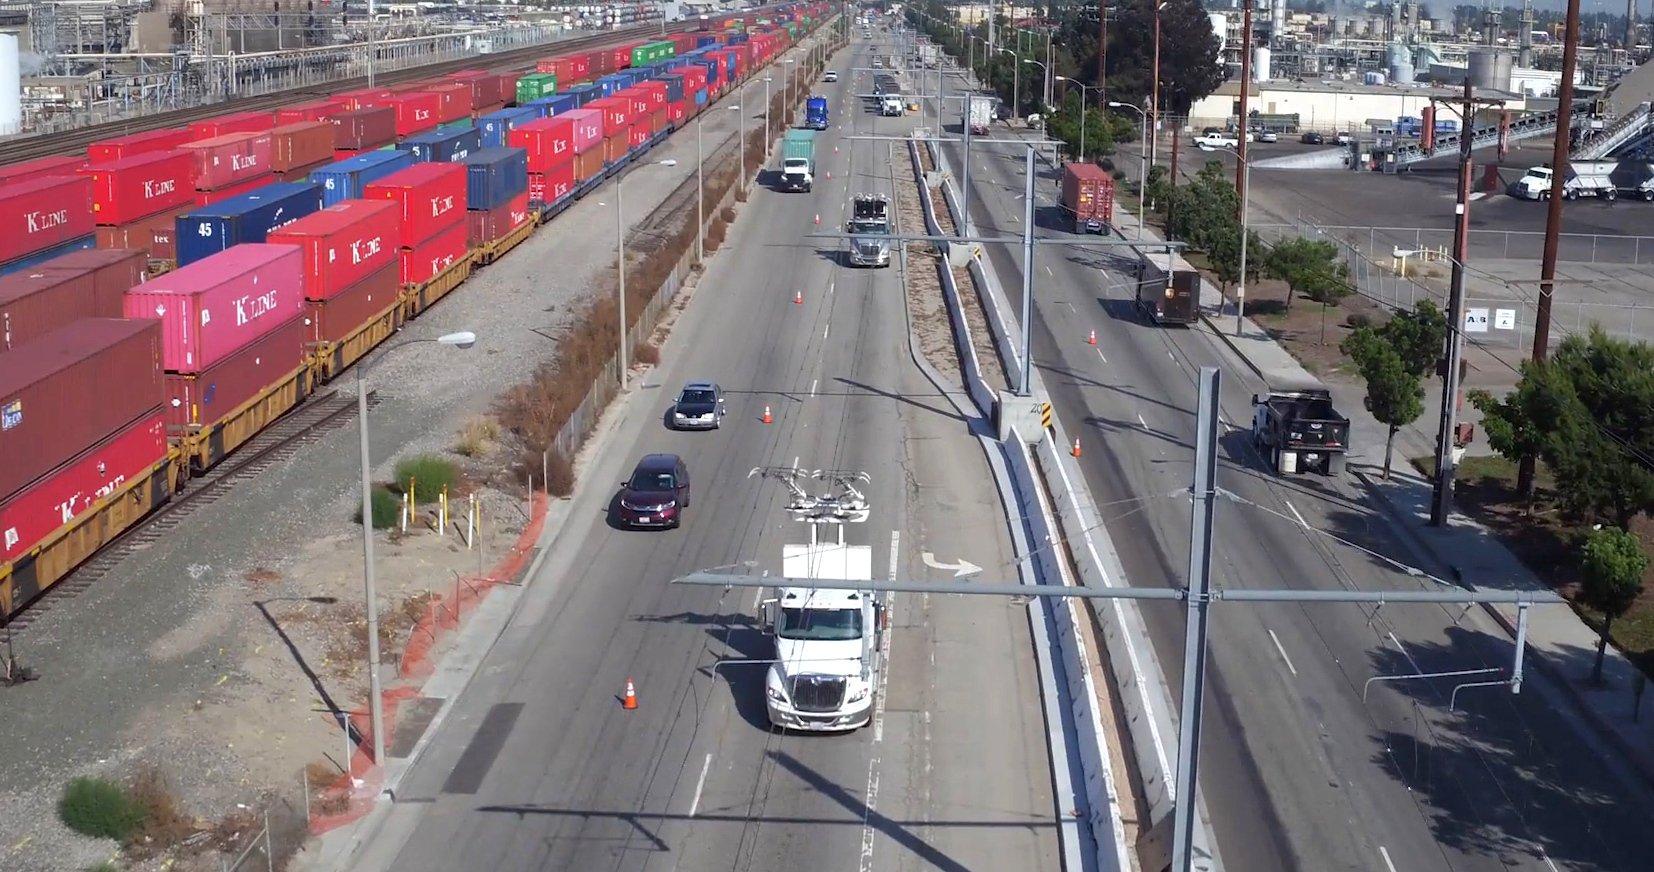 Die Hybrid-Lkw werden im Warentransport der Häfen von Los Angeles und Long Beach eingesetzt.